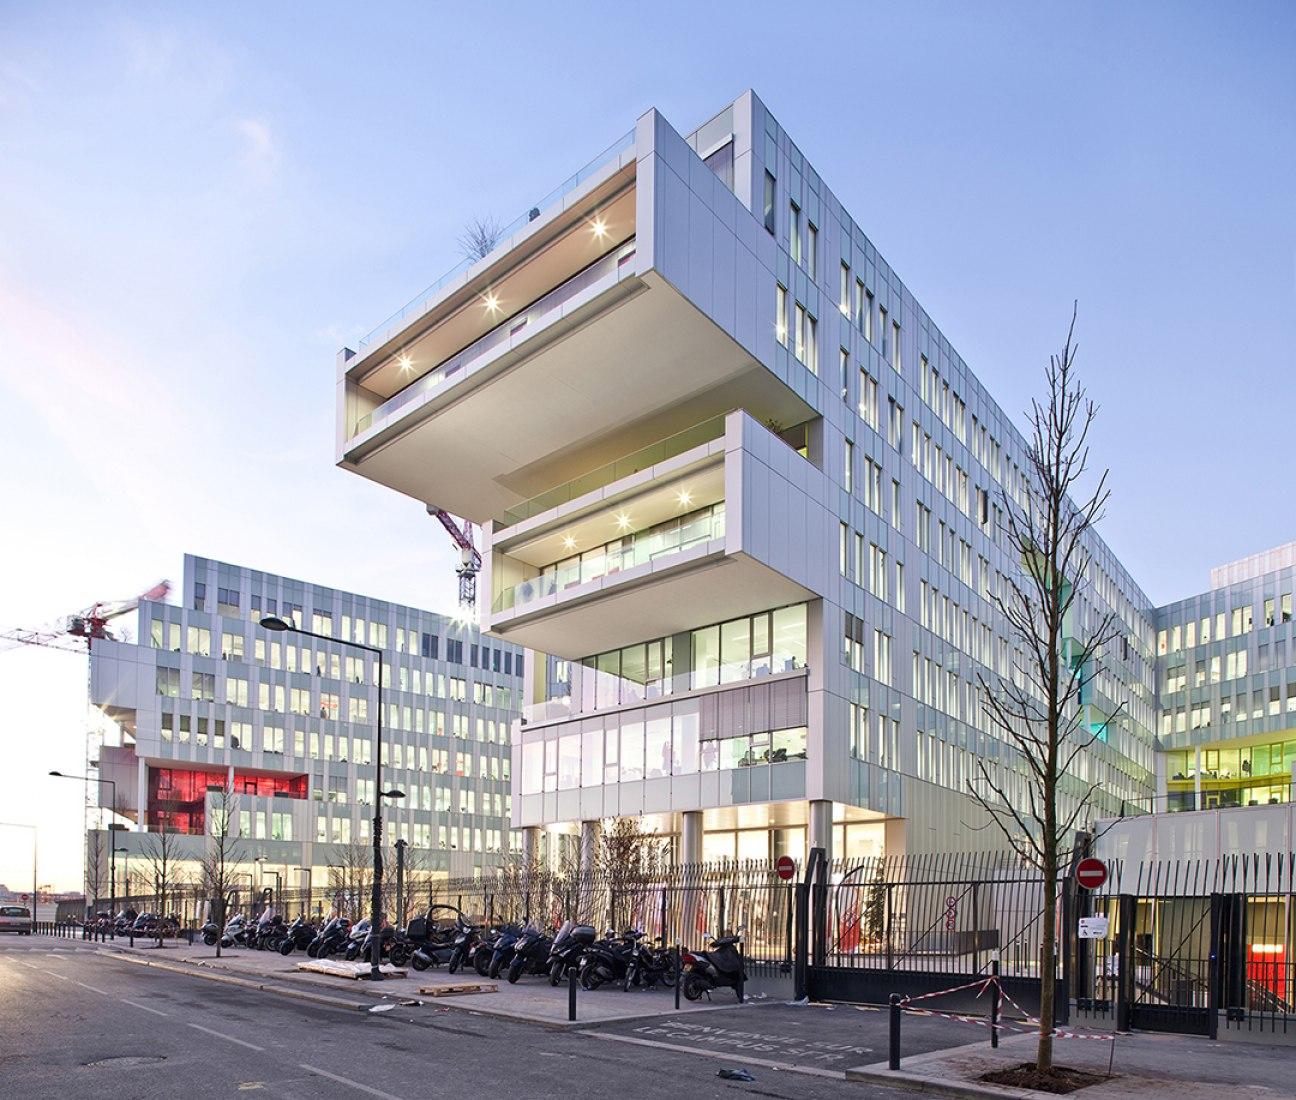 SFR Headquarters by Jean-Paul Viguier Architecture. Photography © Éric Sempé.